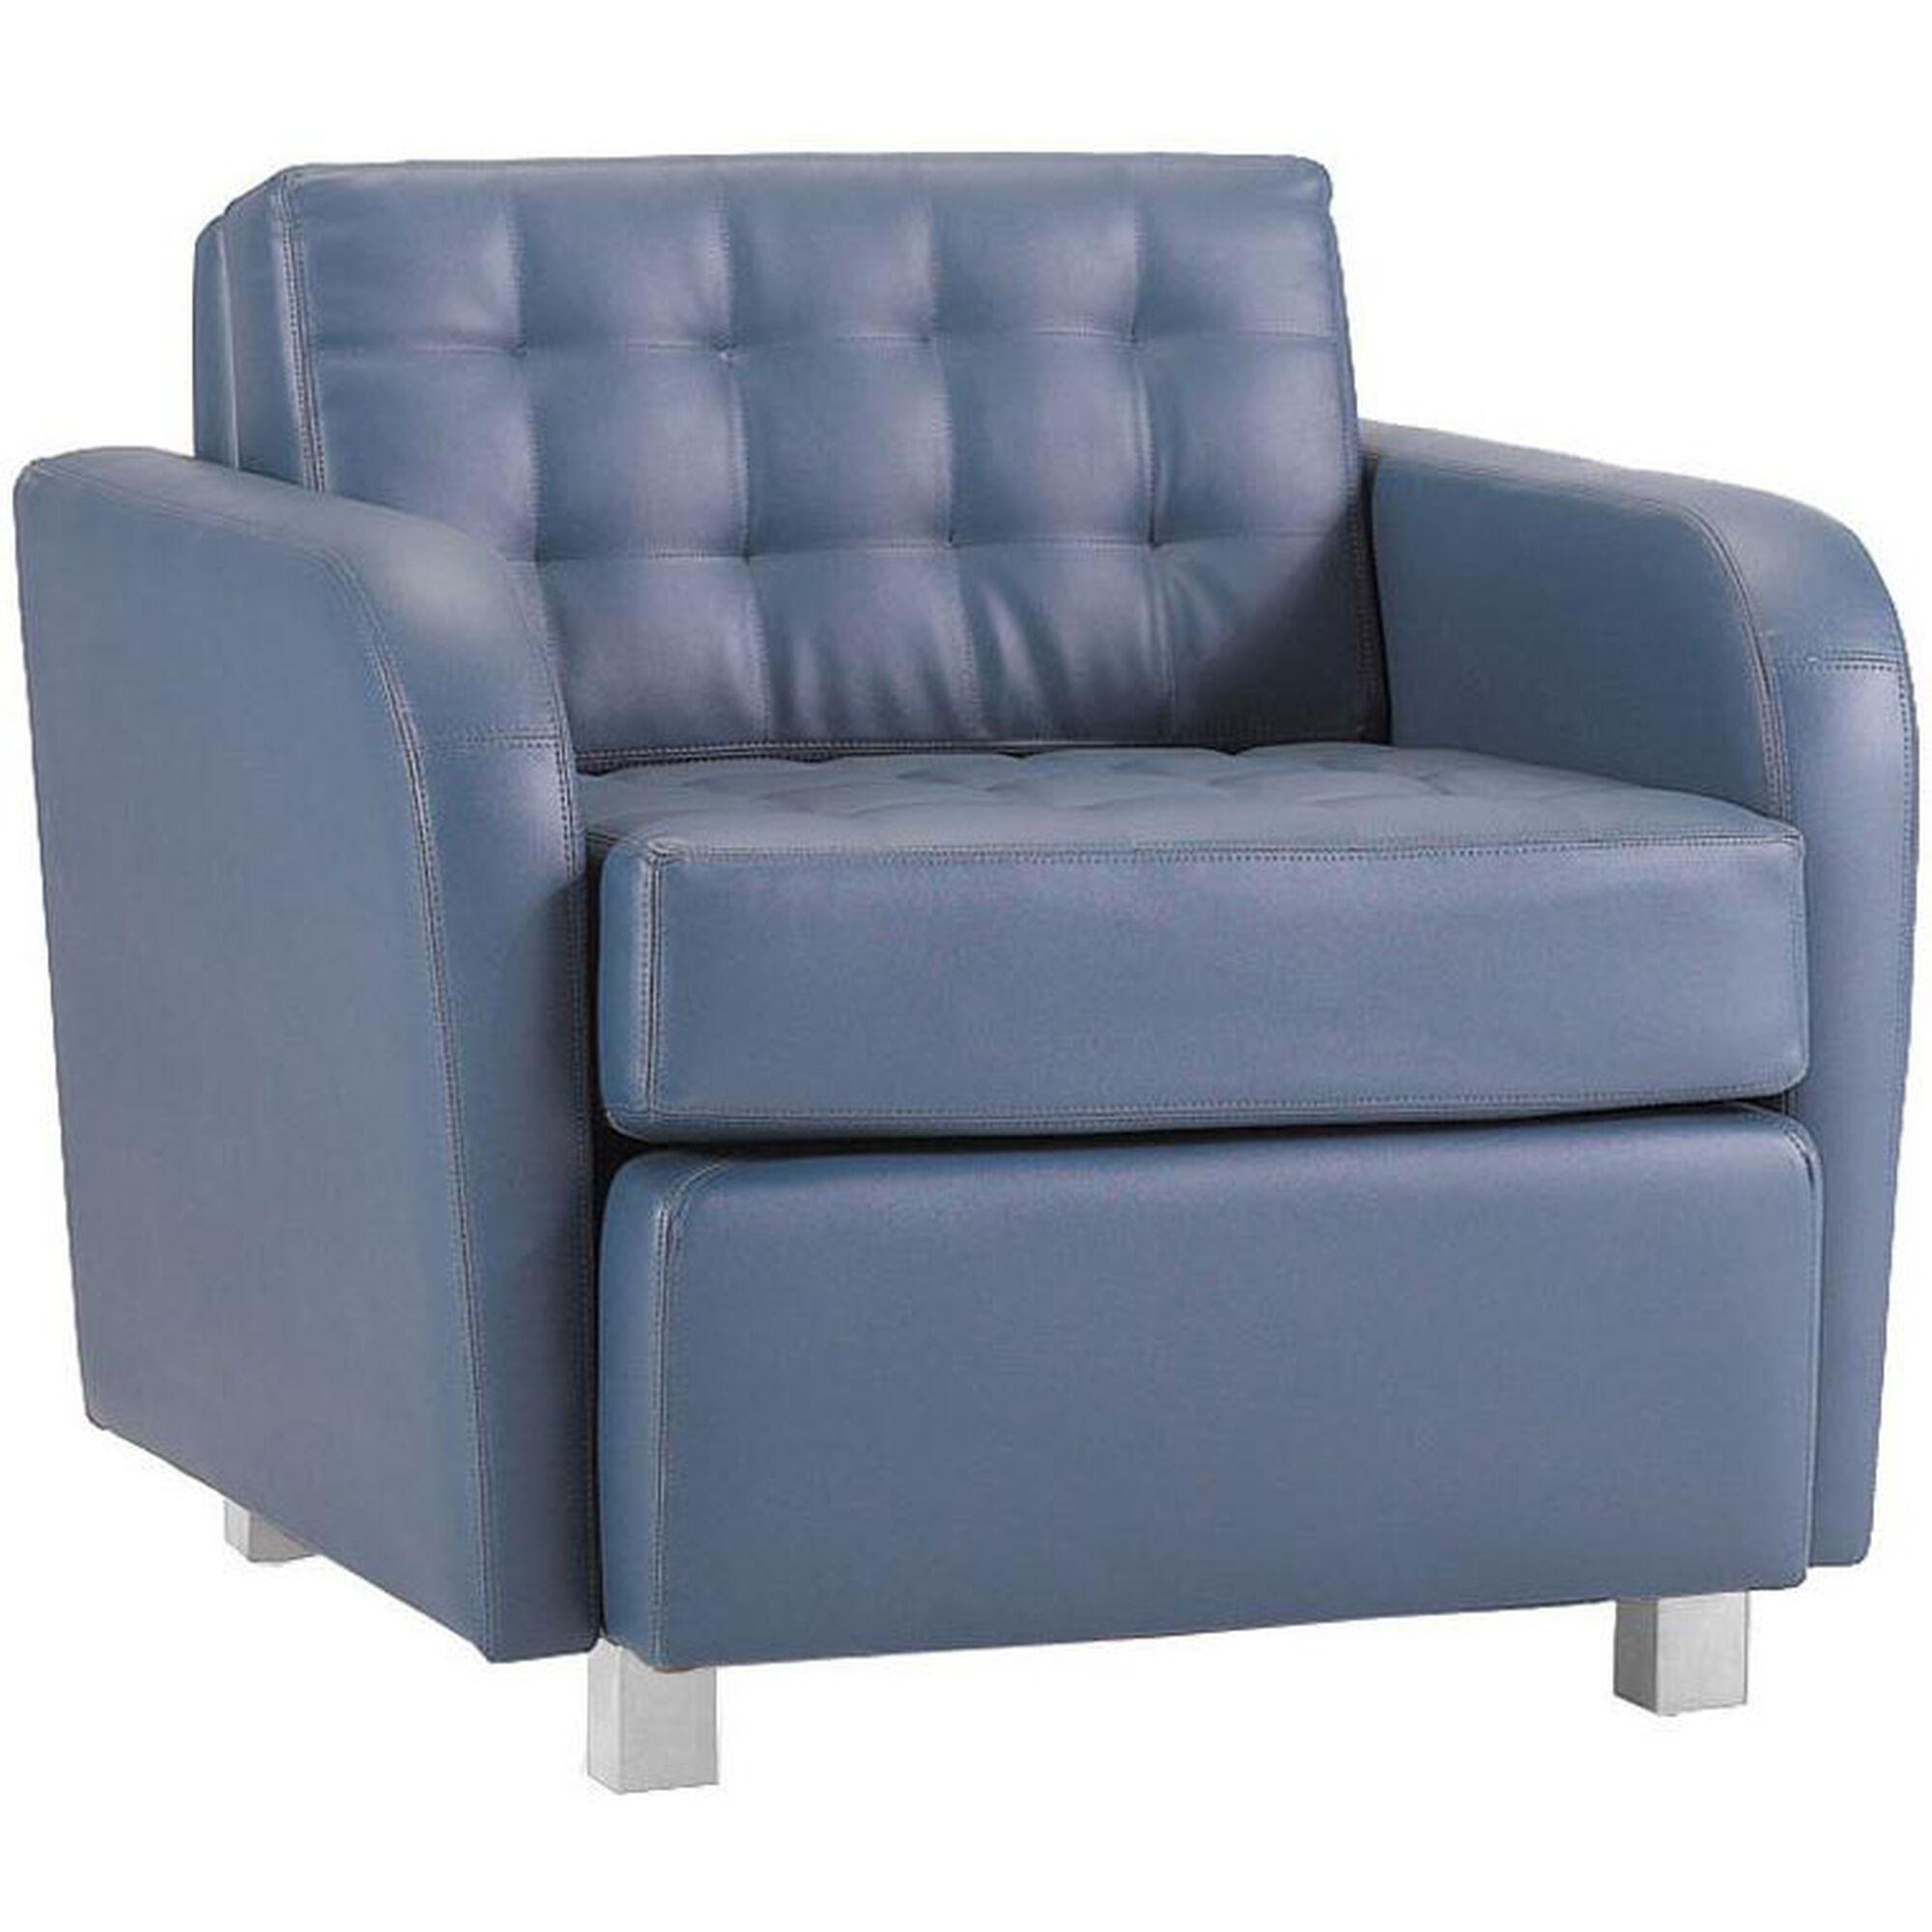 high point furniture industries 151met hpf 151met